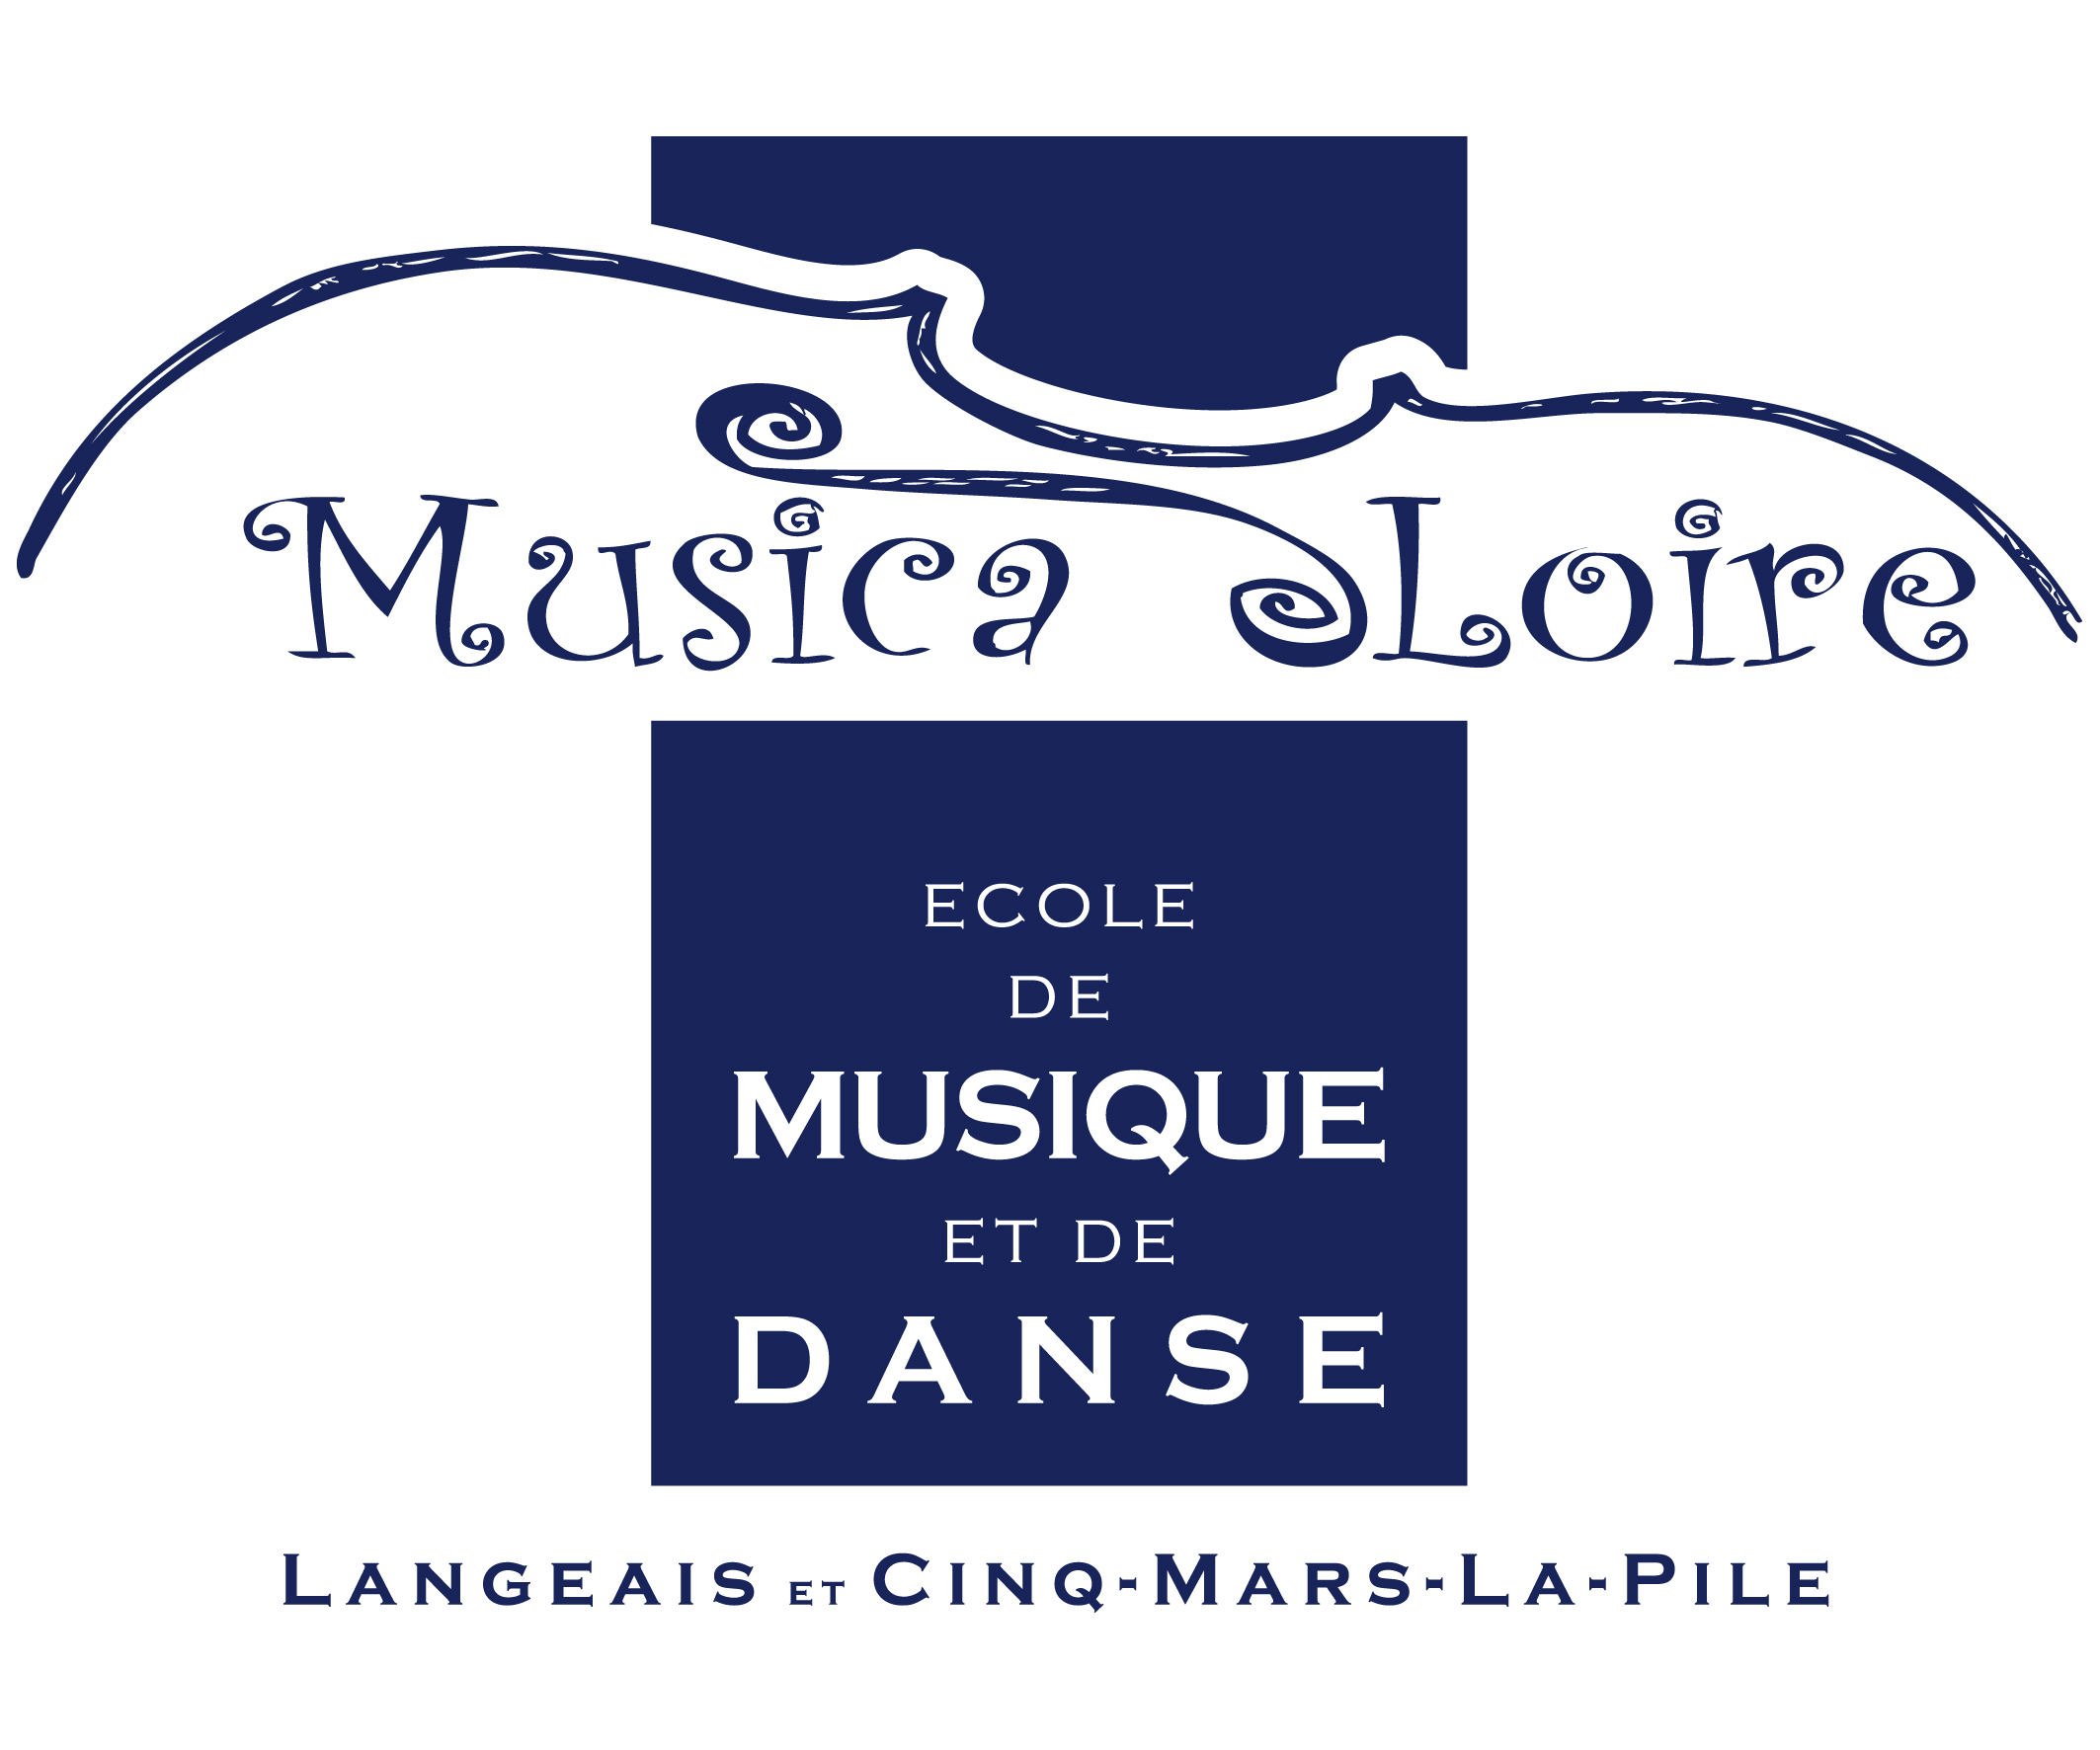 Ecole de musique et de danse Musica-Loire